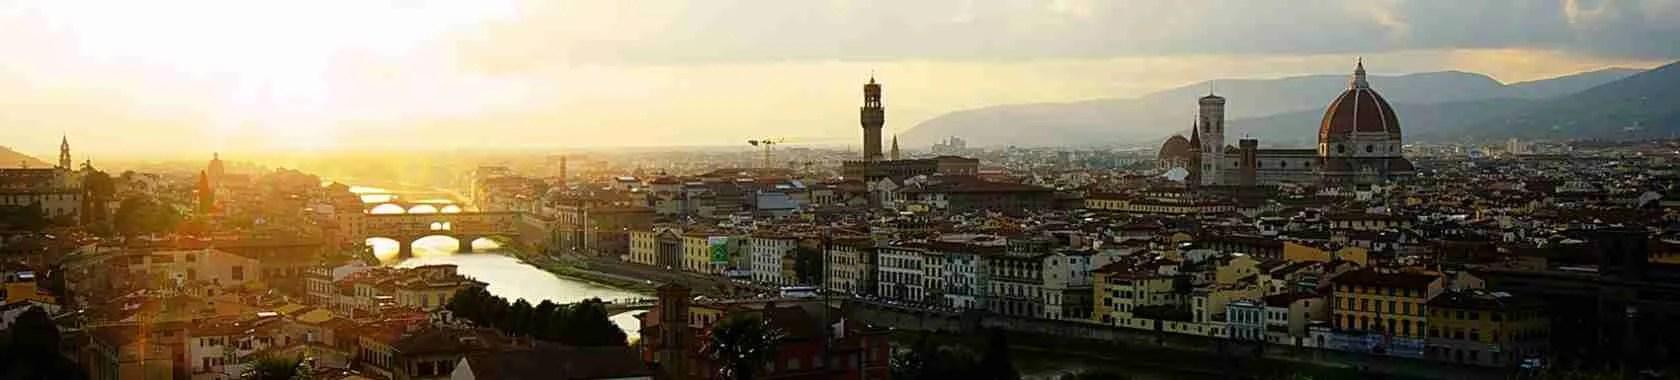 Piazzale Michelangelo di Firenze è uno dei luoghi preferiti dalle escort a Firenze.